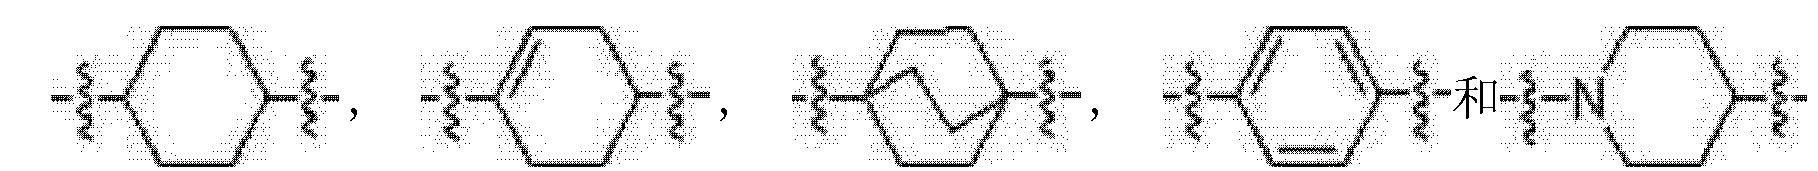 Figure CN102378762AC00081